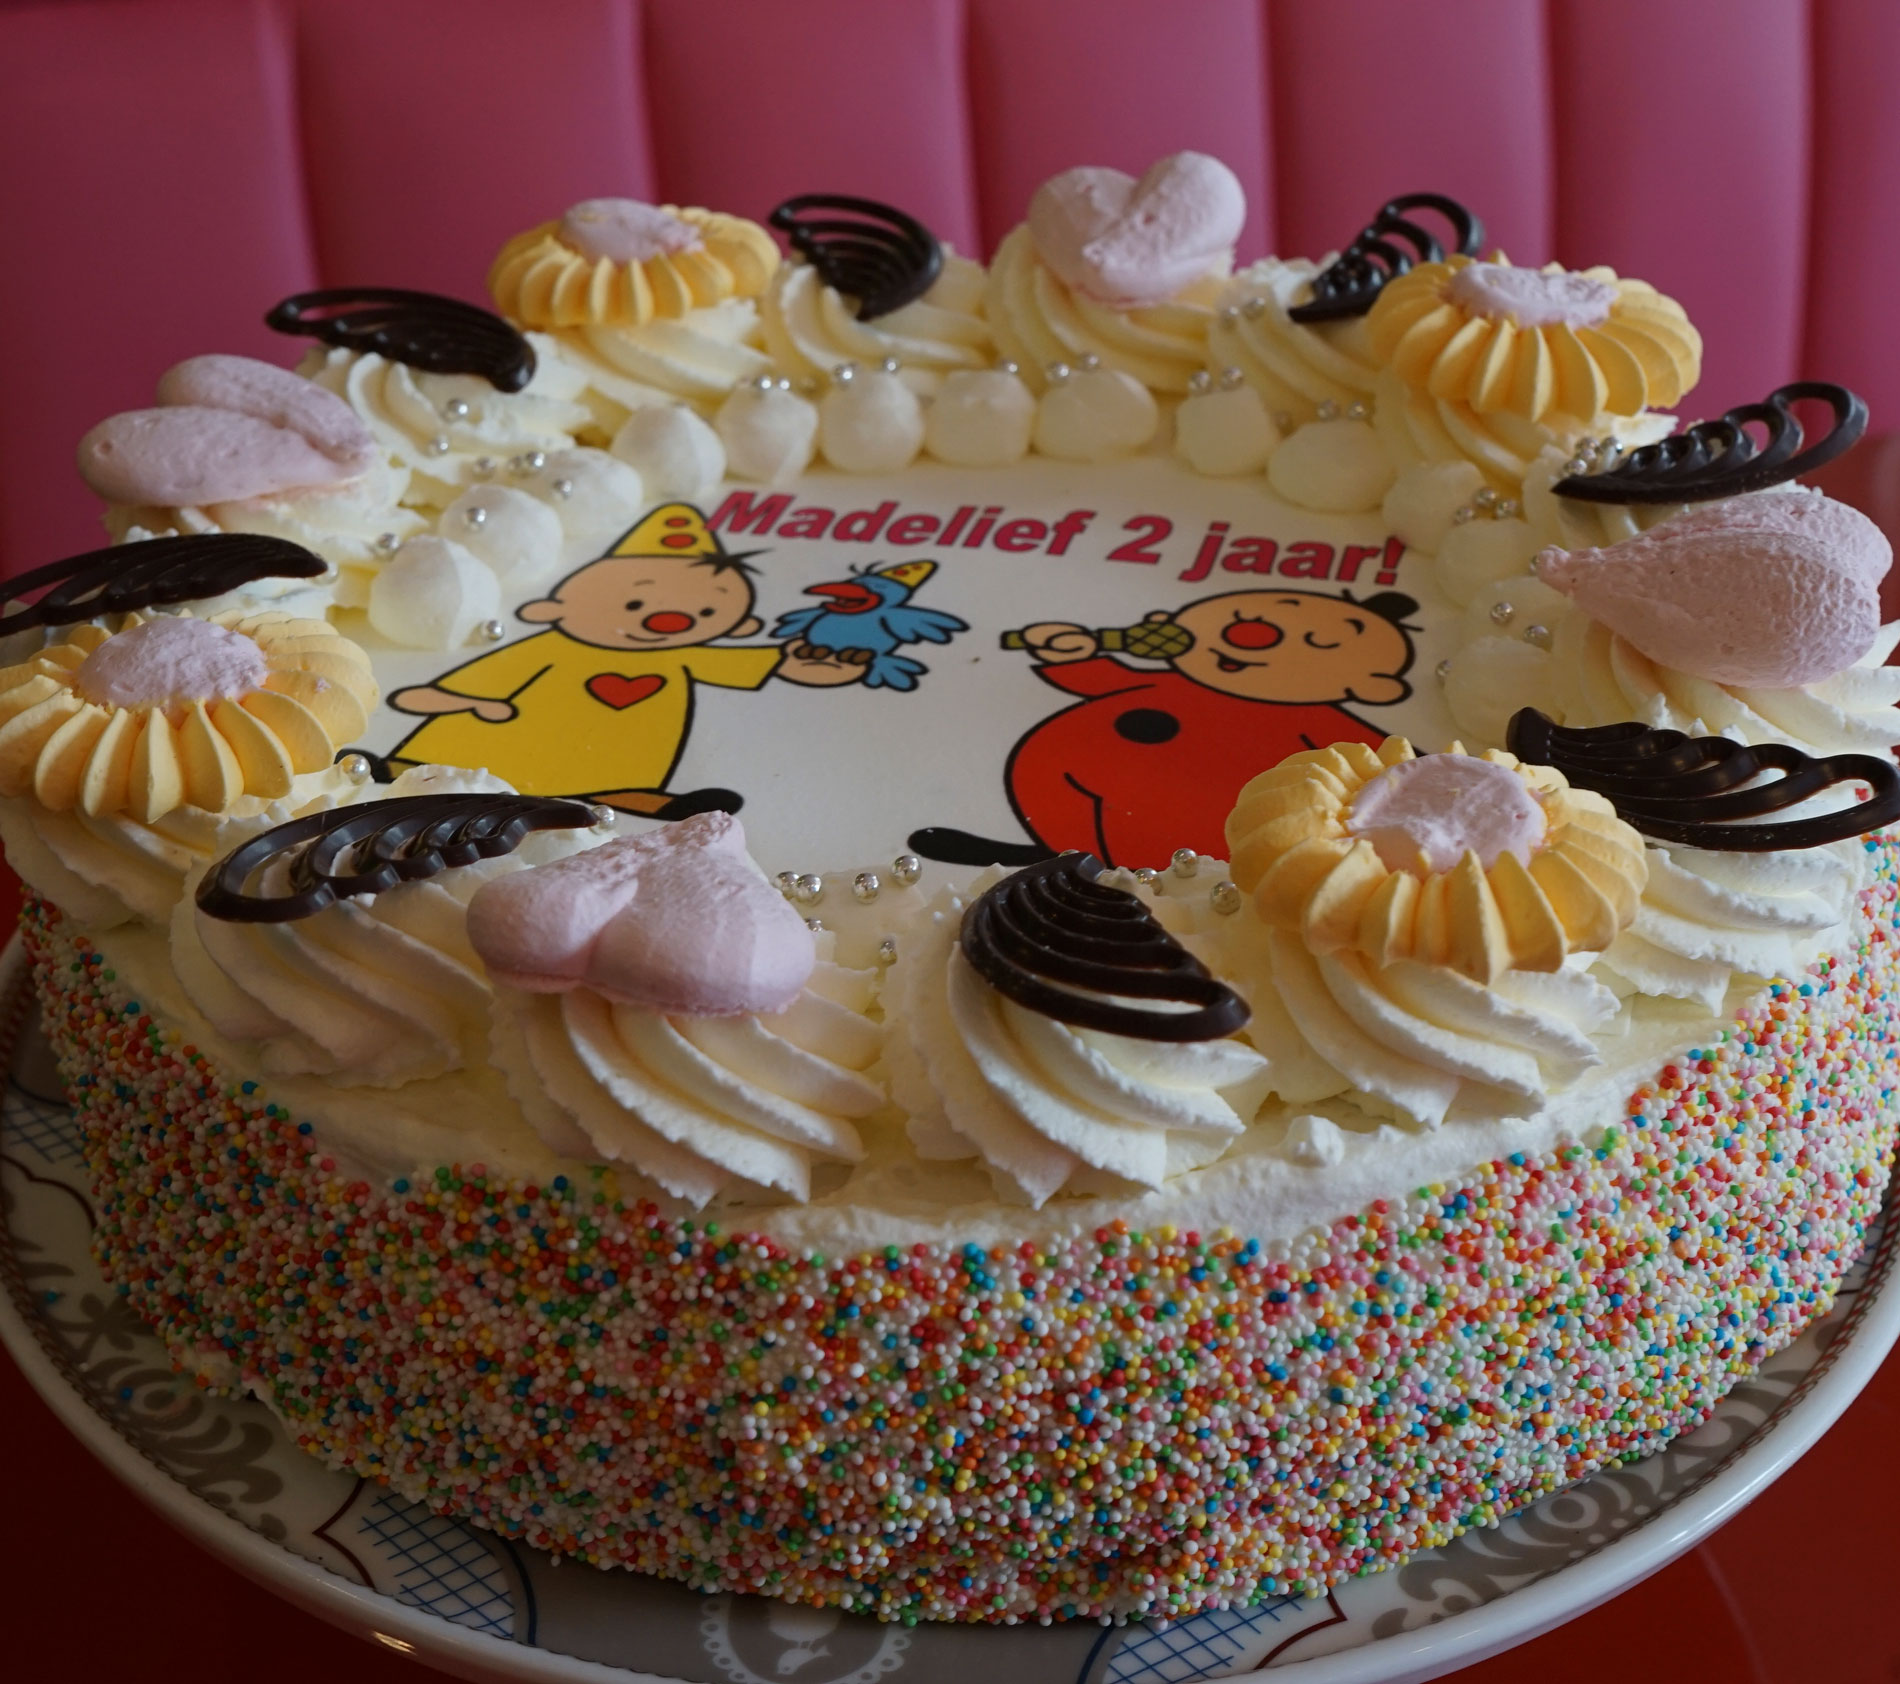 taart online bestellen http://.bakkerijnagelkerke.nl/online taart bestellen taart online bestellen